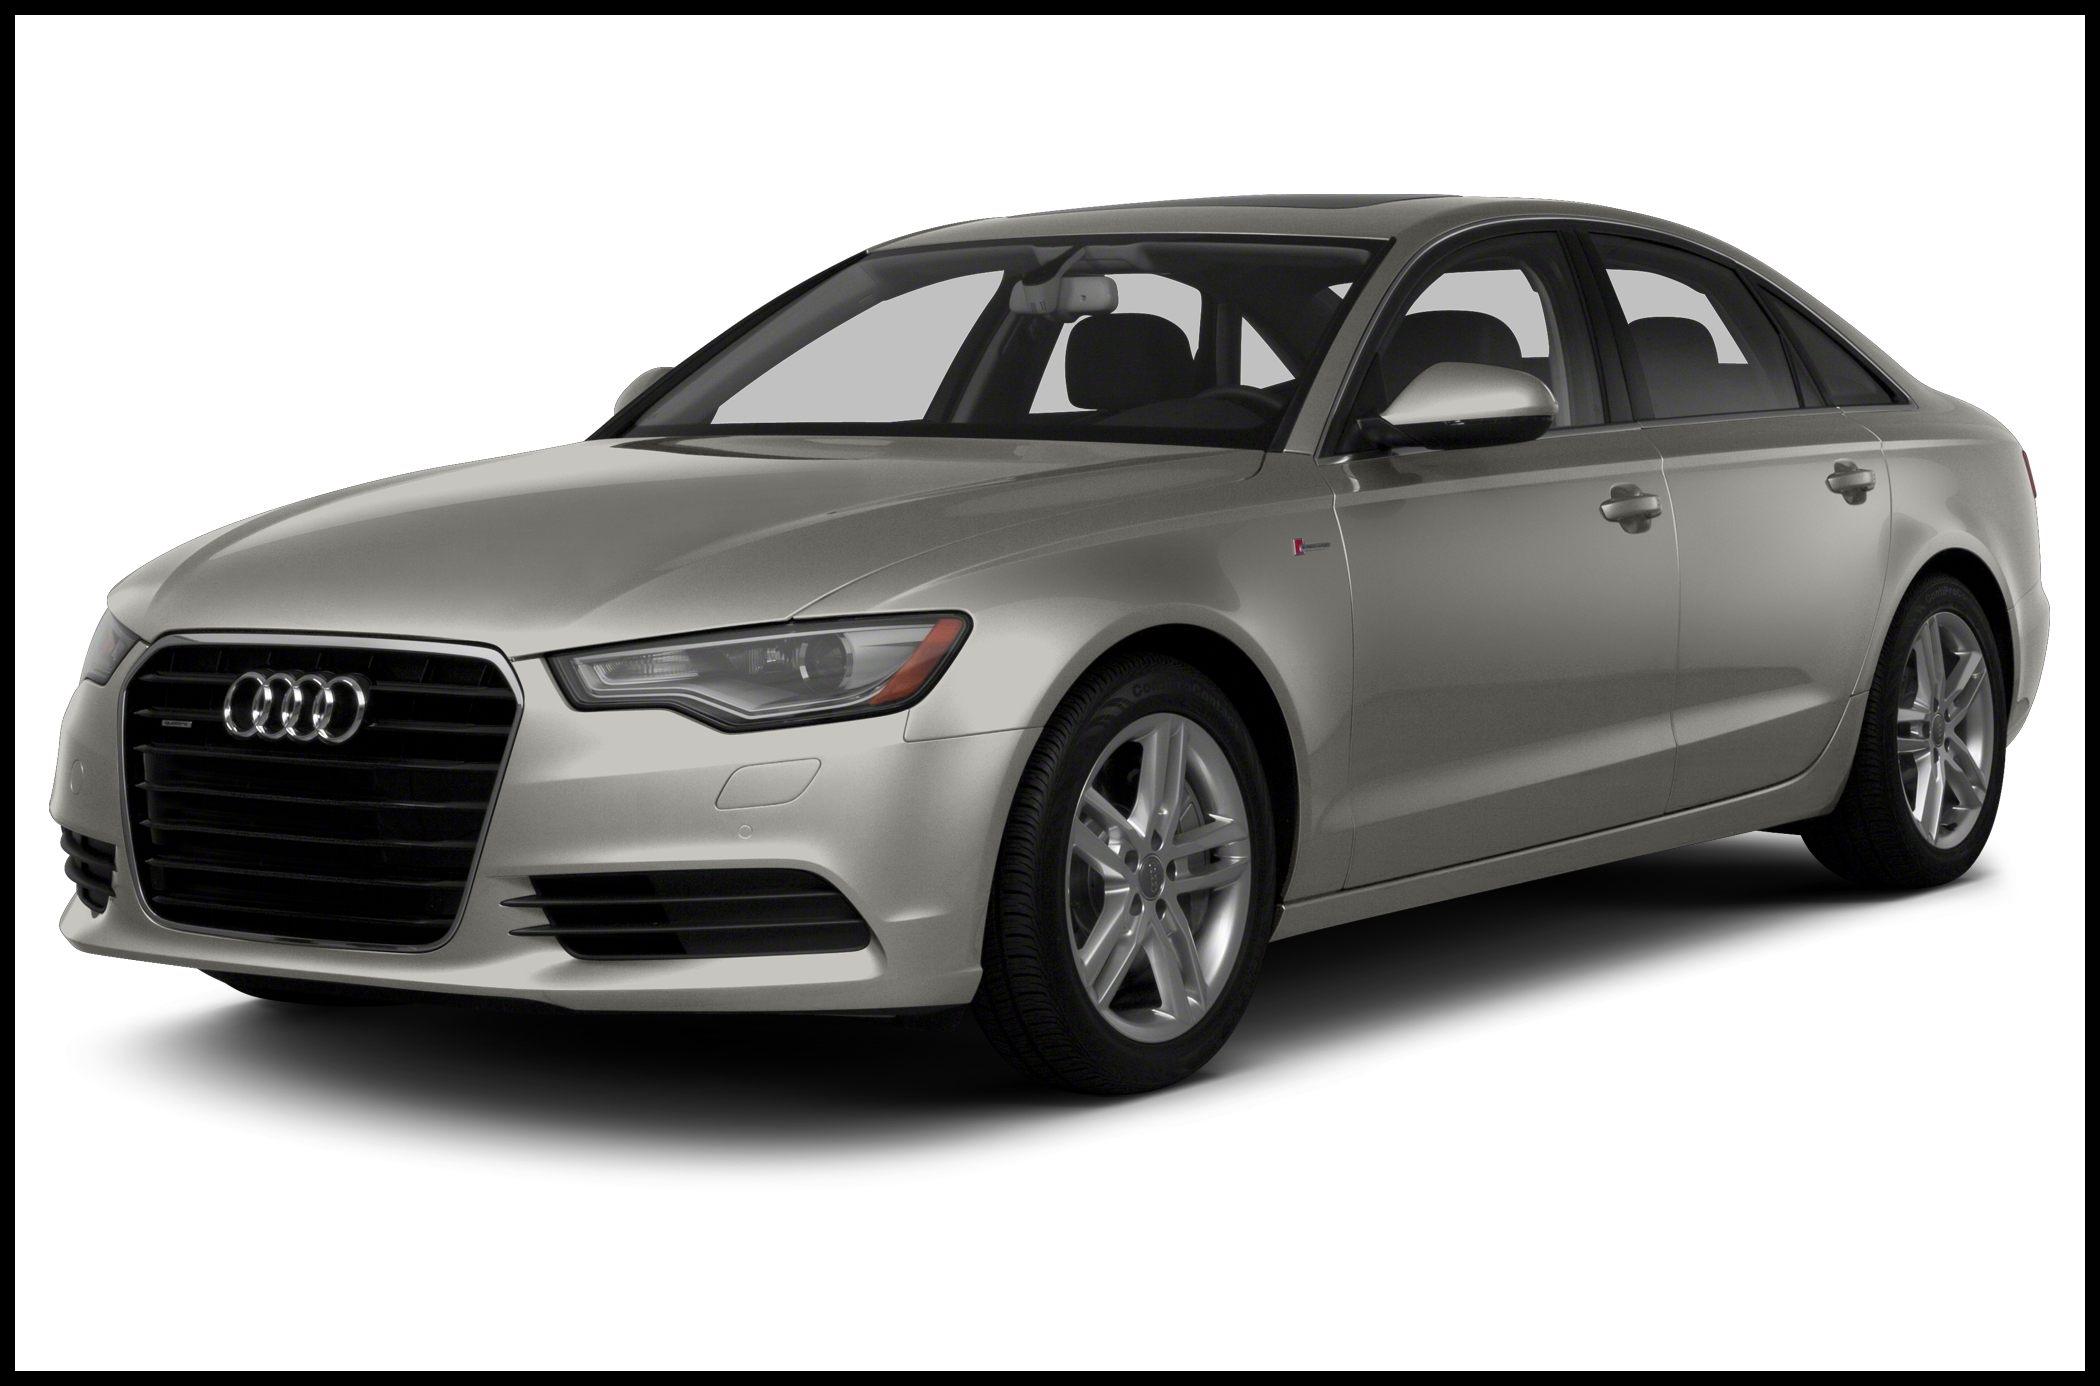 2013 Audi A6 3 0T Premium 4dr All wheel Drive quattro Sedan Specs and Prices